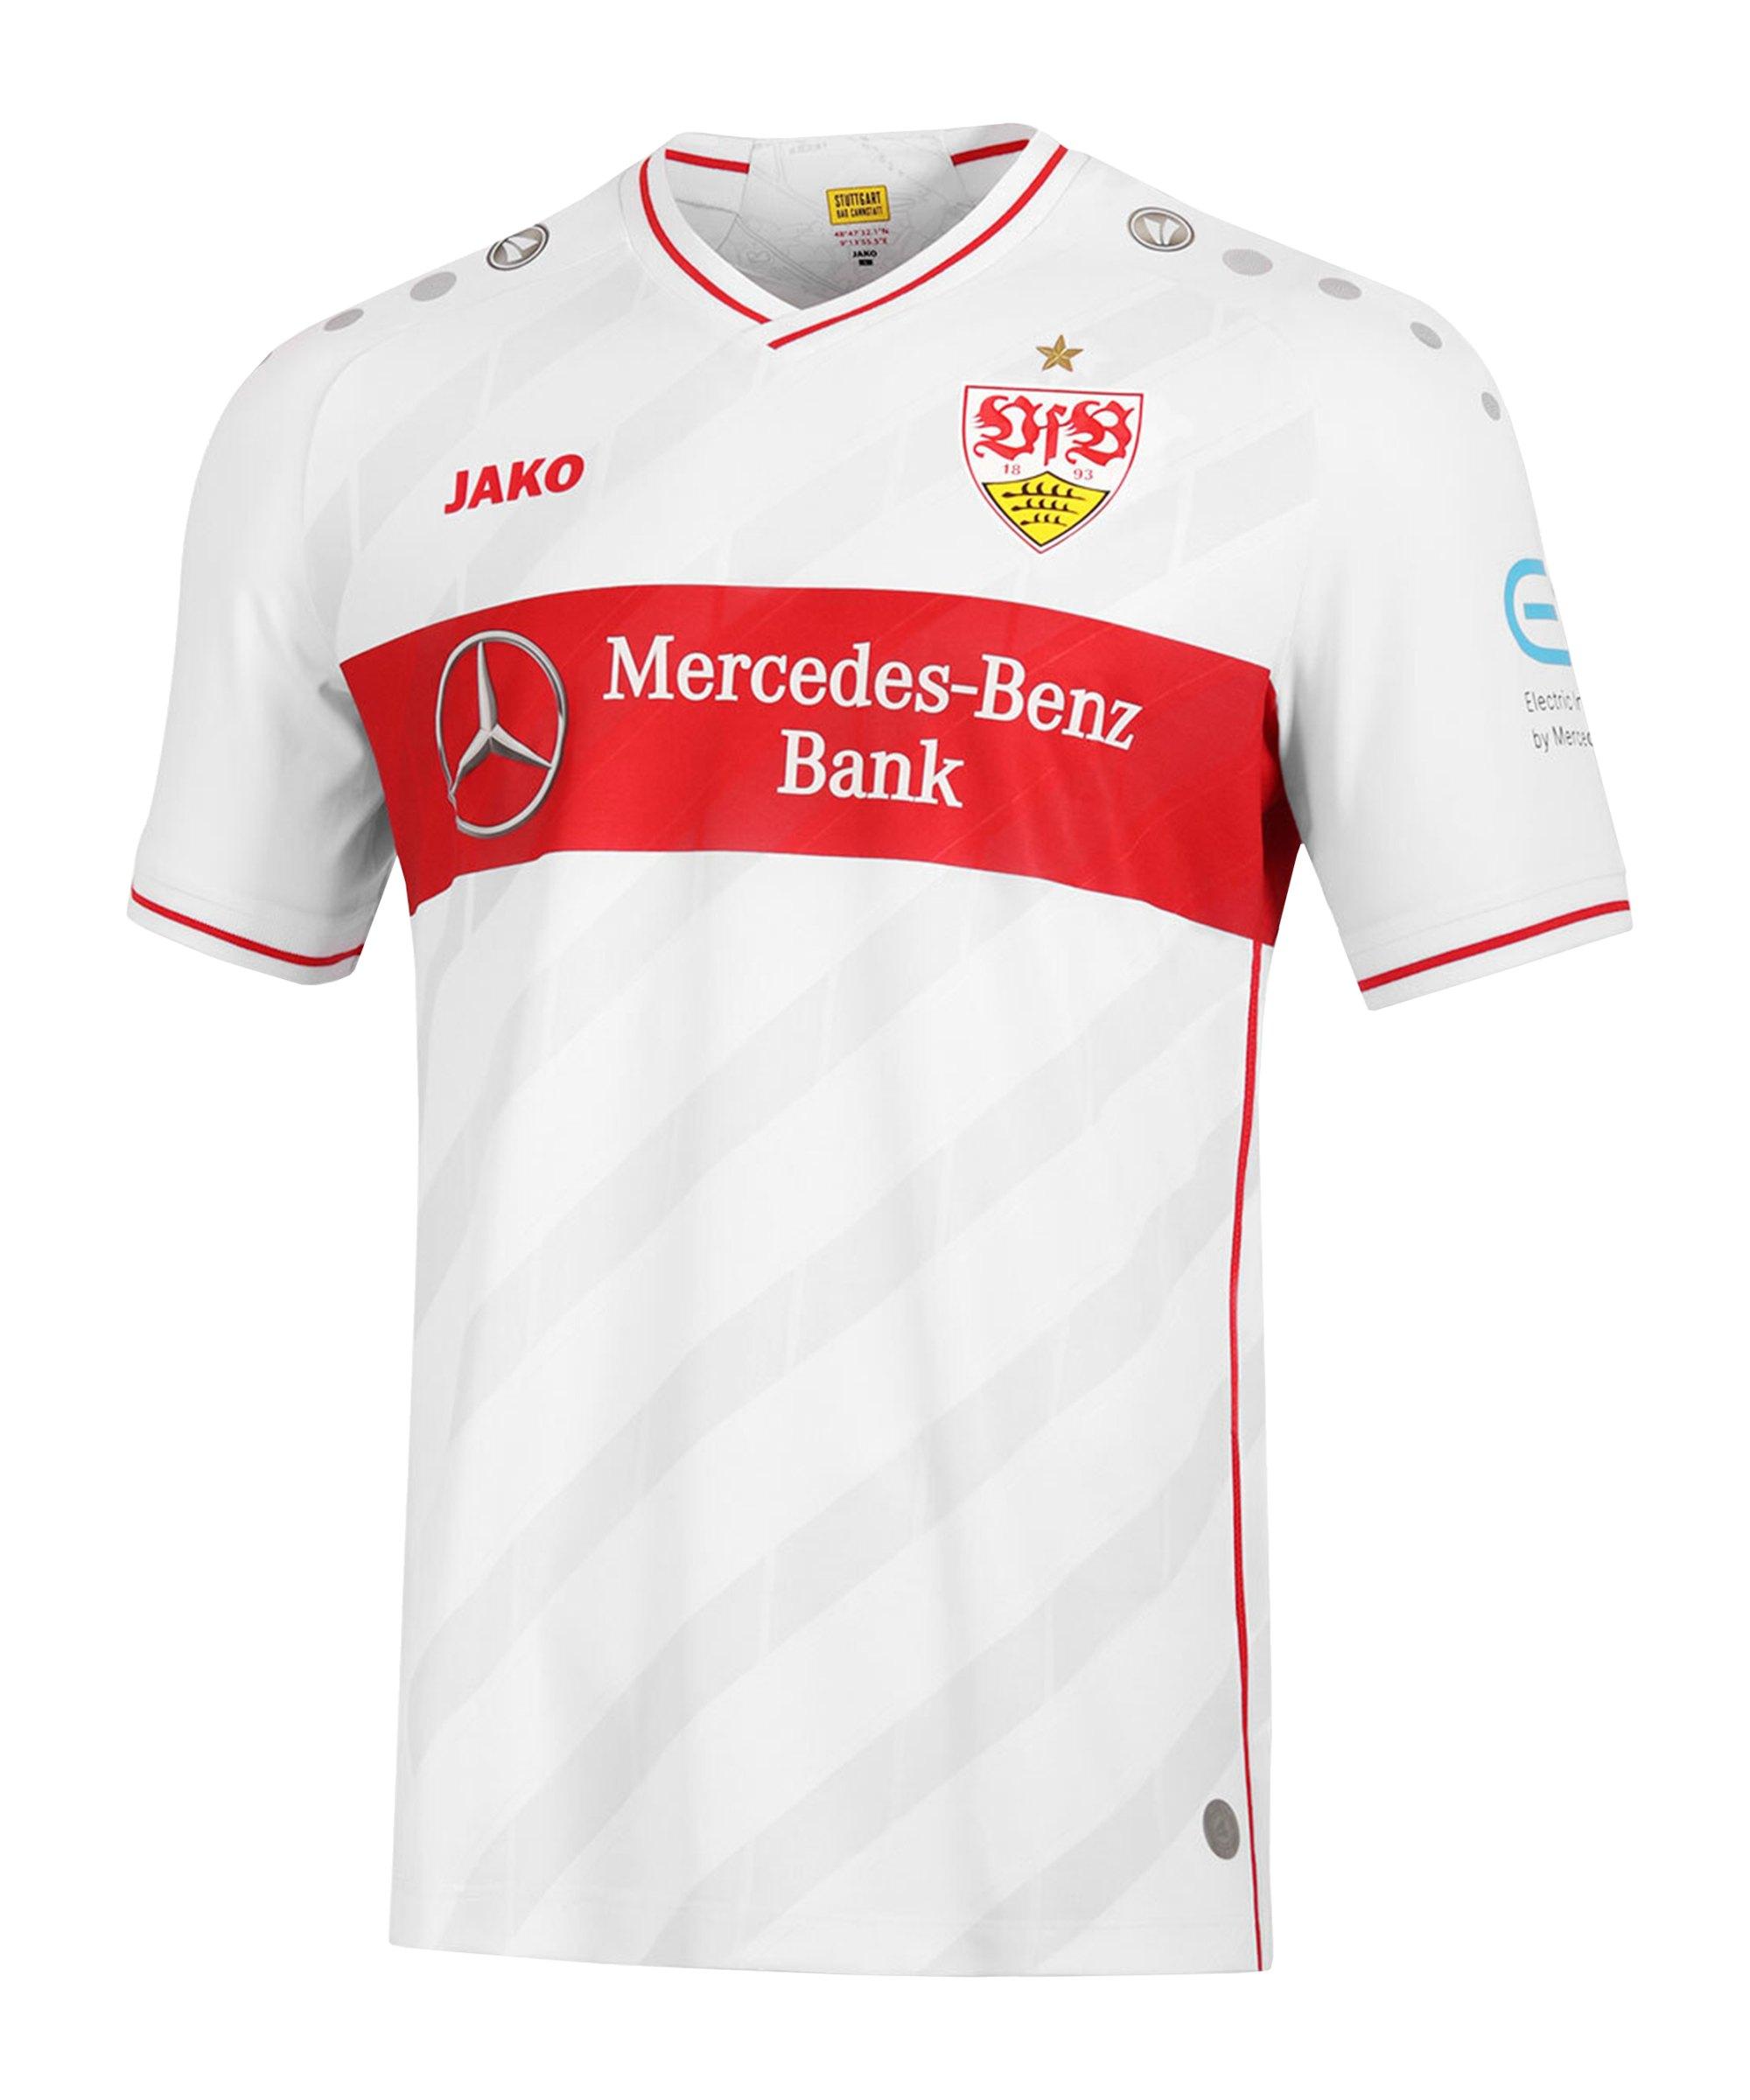 JAKO VfB Stuttgart Trikot Home 2020/2021 Weiss F00 - weiss